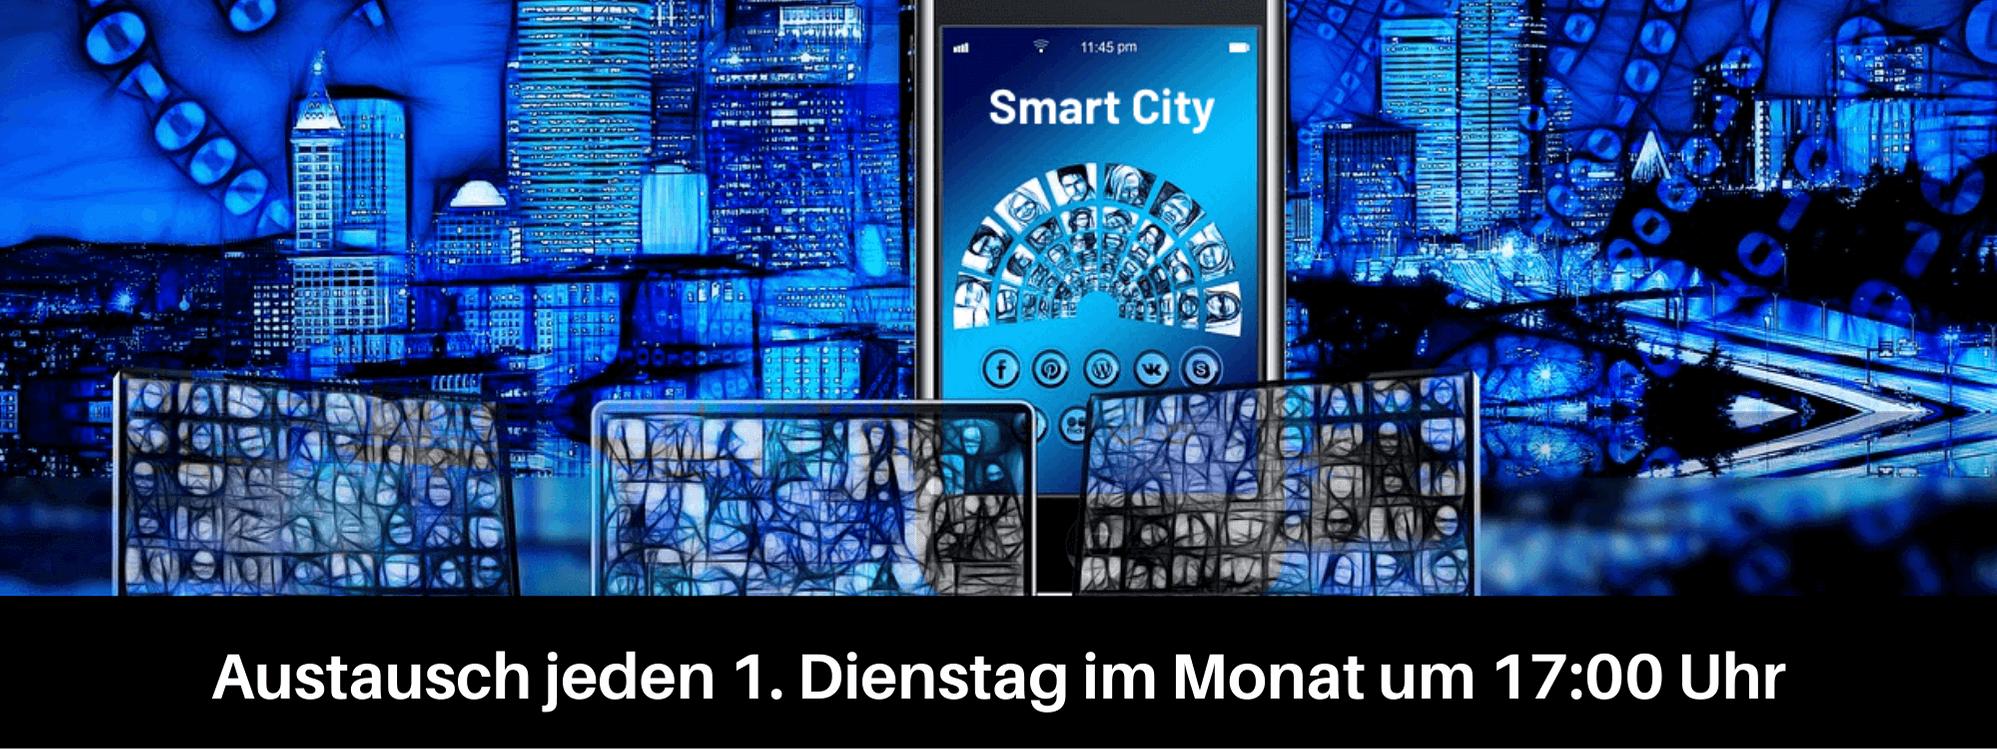 Smart City - Austausch jeden 1. Dienstag im Monat um 17:00 Uhr